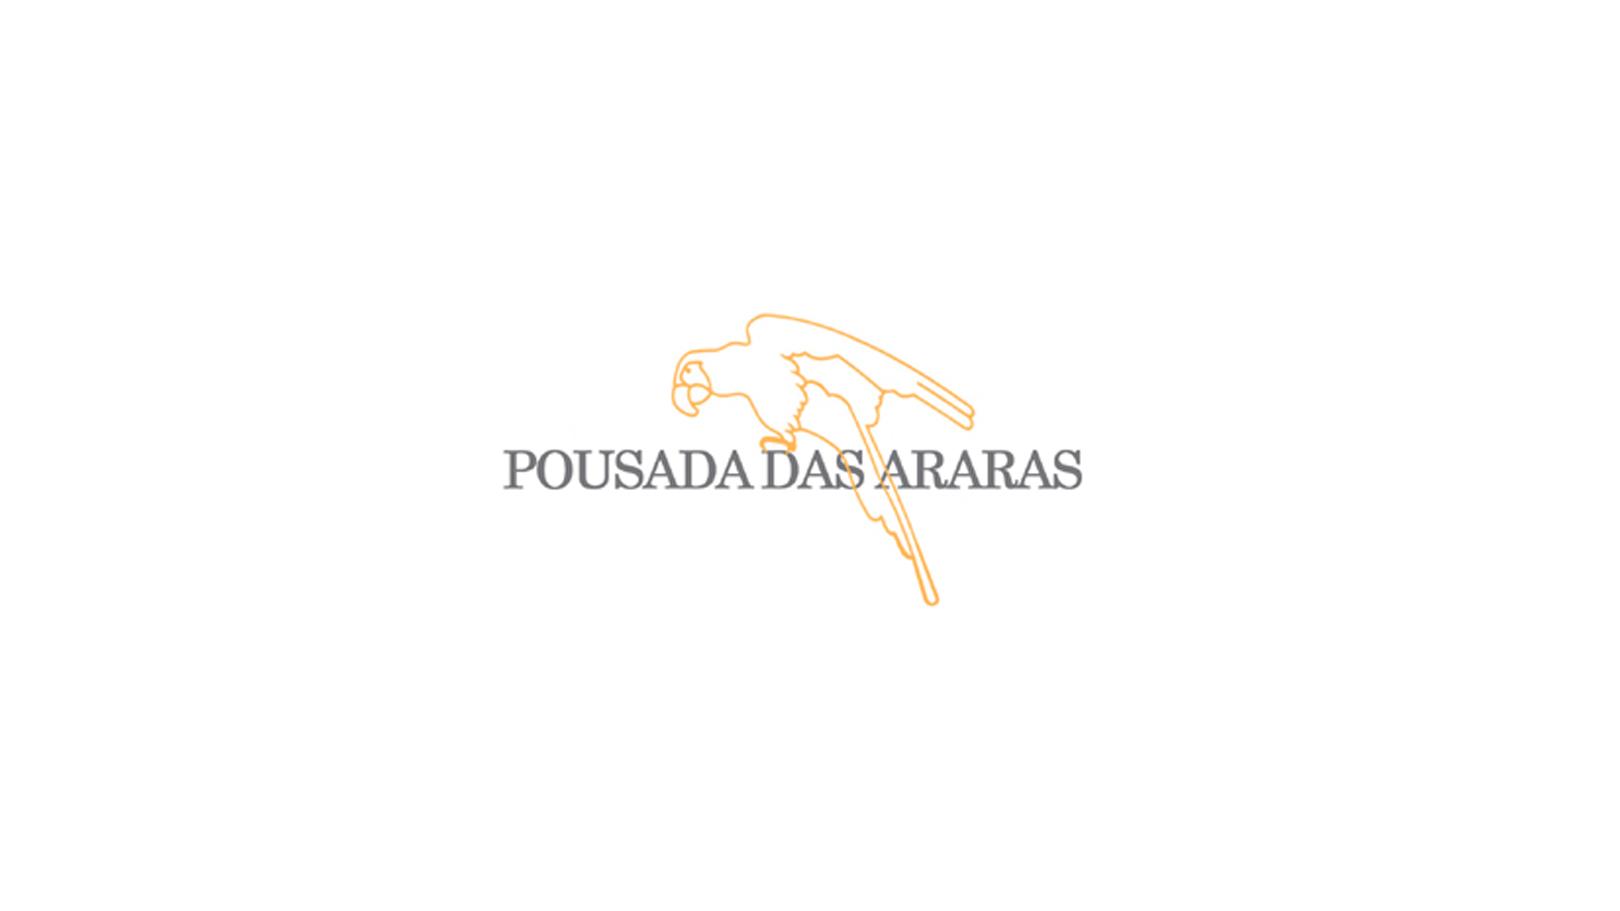 Apresentação Inez Oliveira logo 2016 40